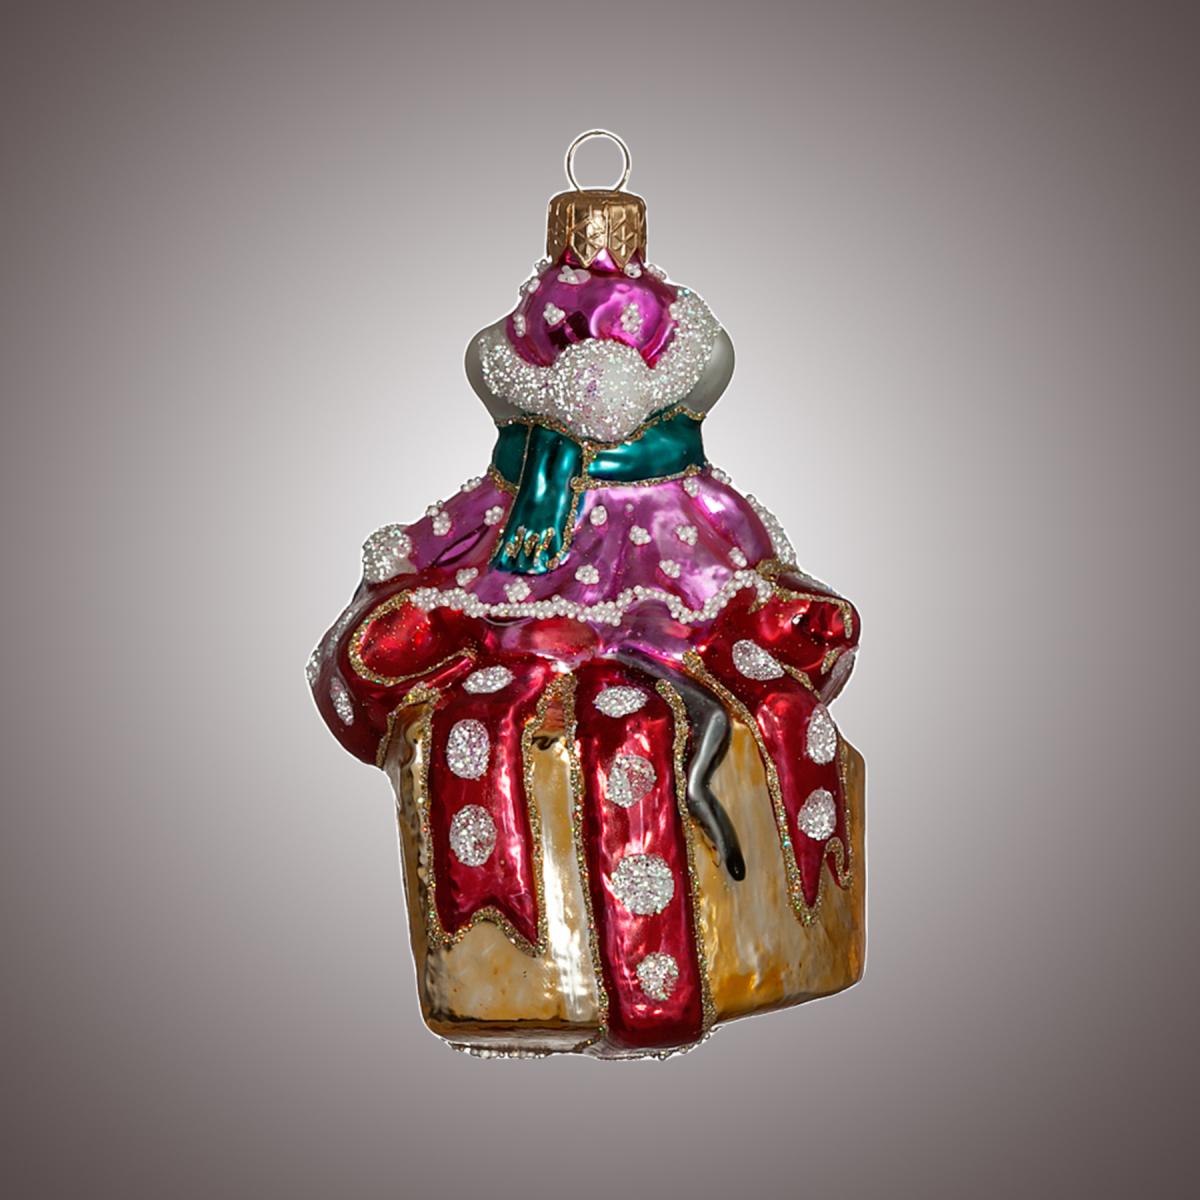 Мышка-Санта на сыре